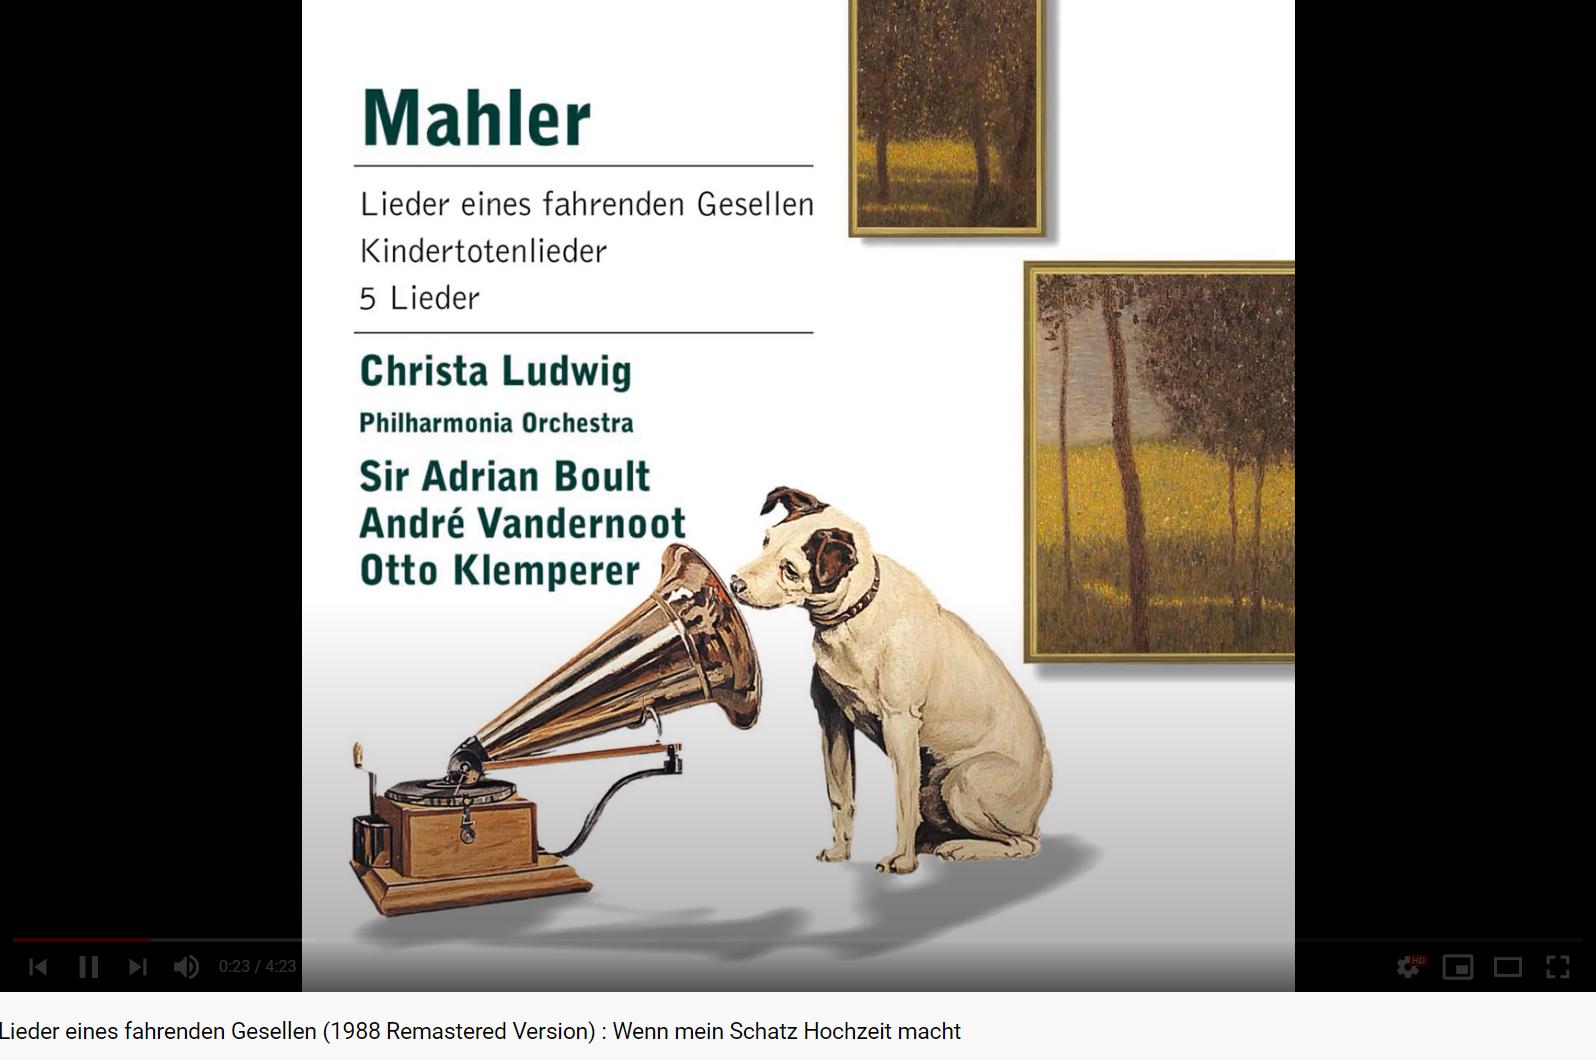 Mahler Lieder eines fahrenden Gesellen (Christa Ludwig)